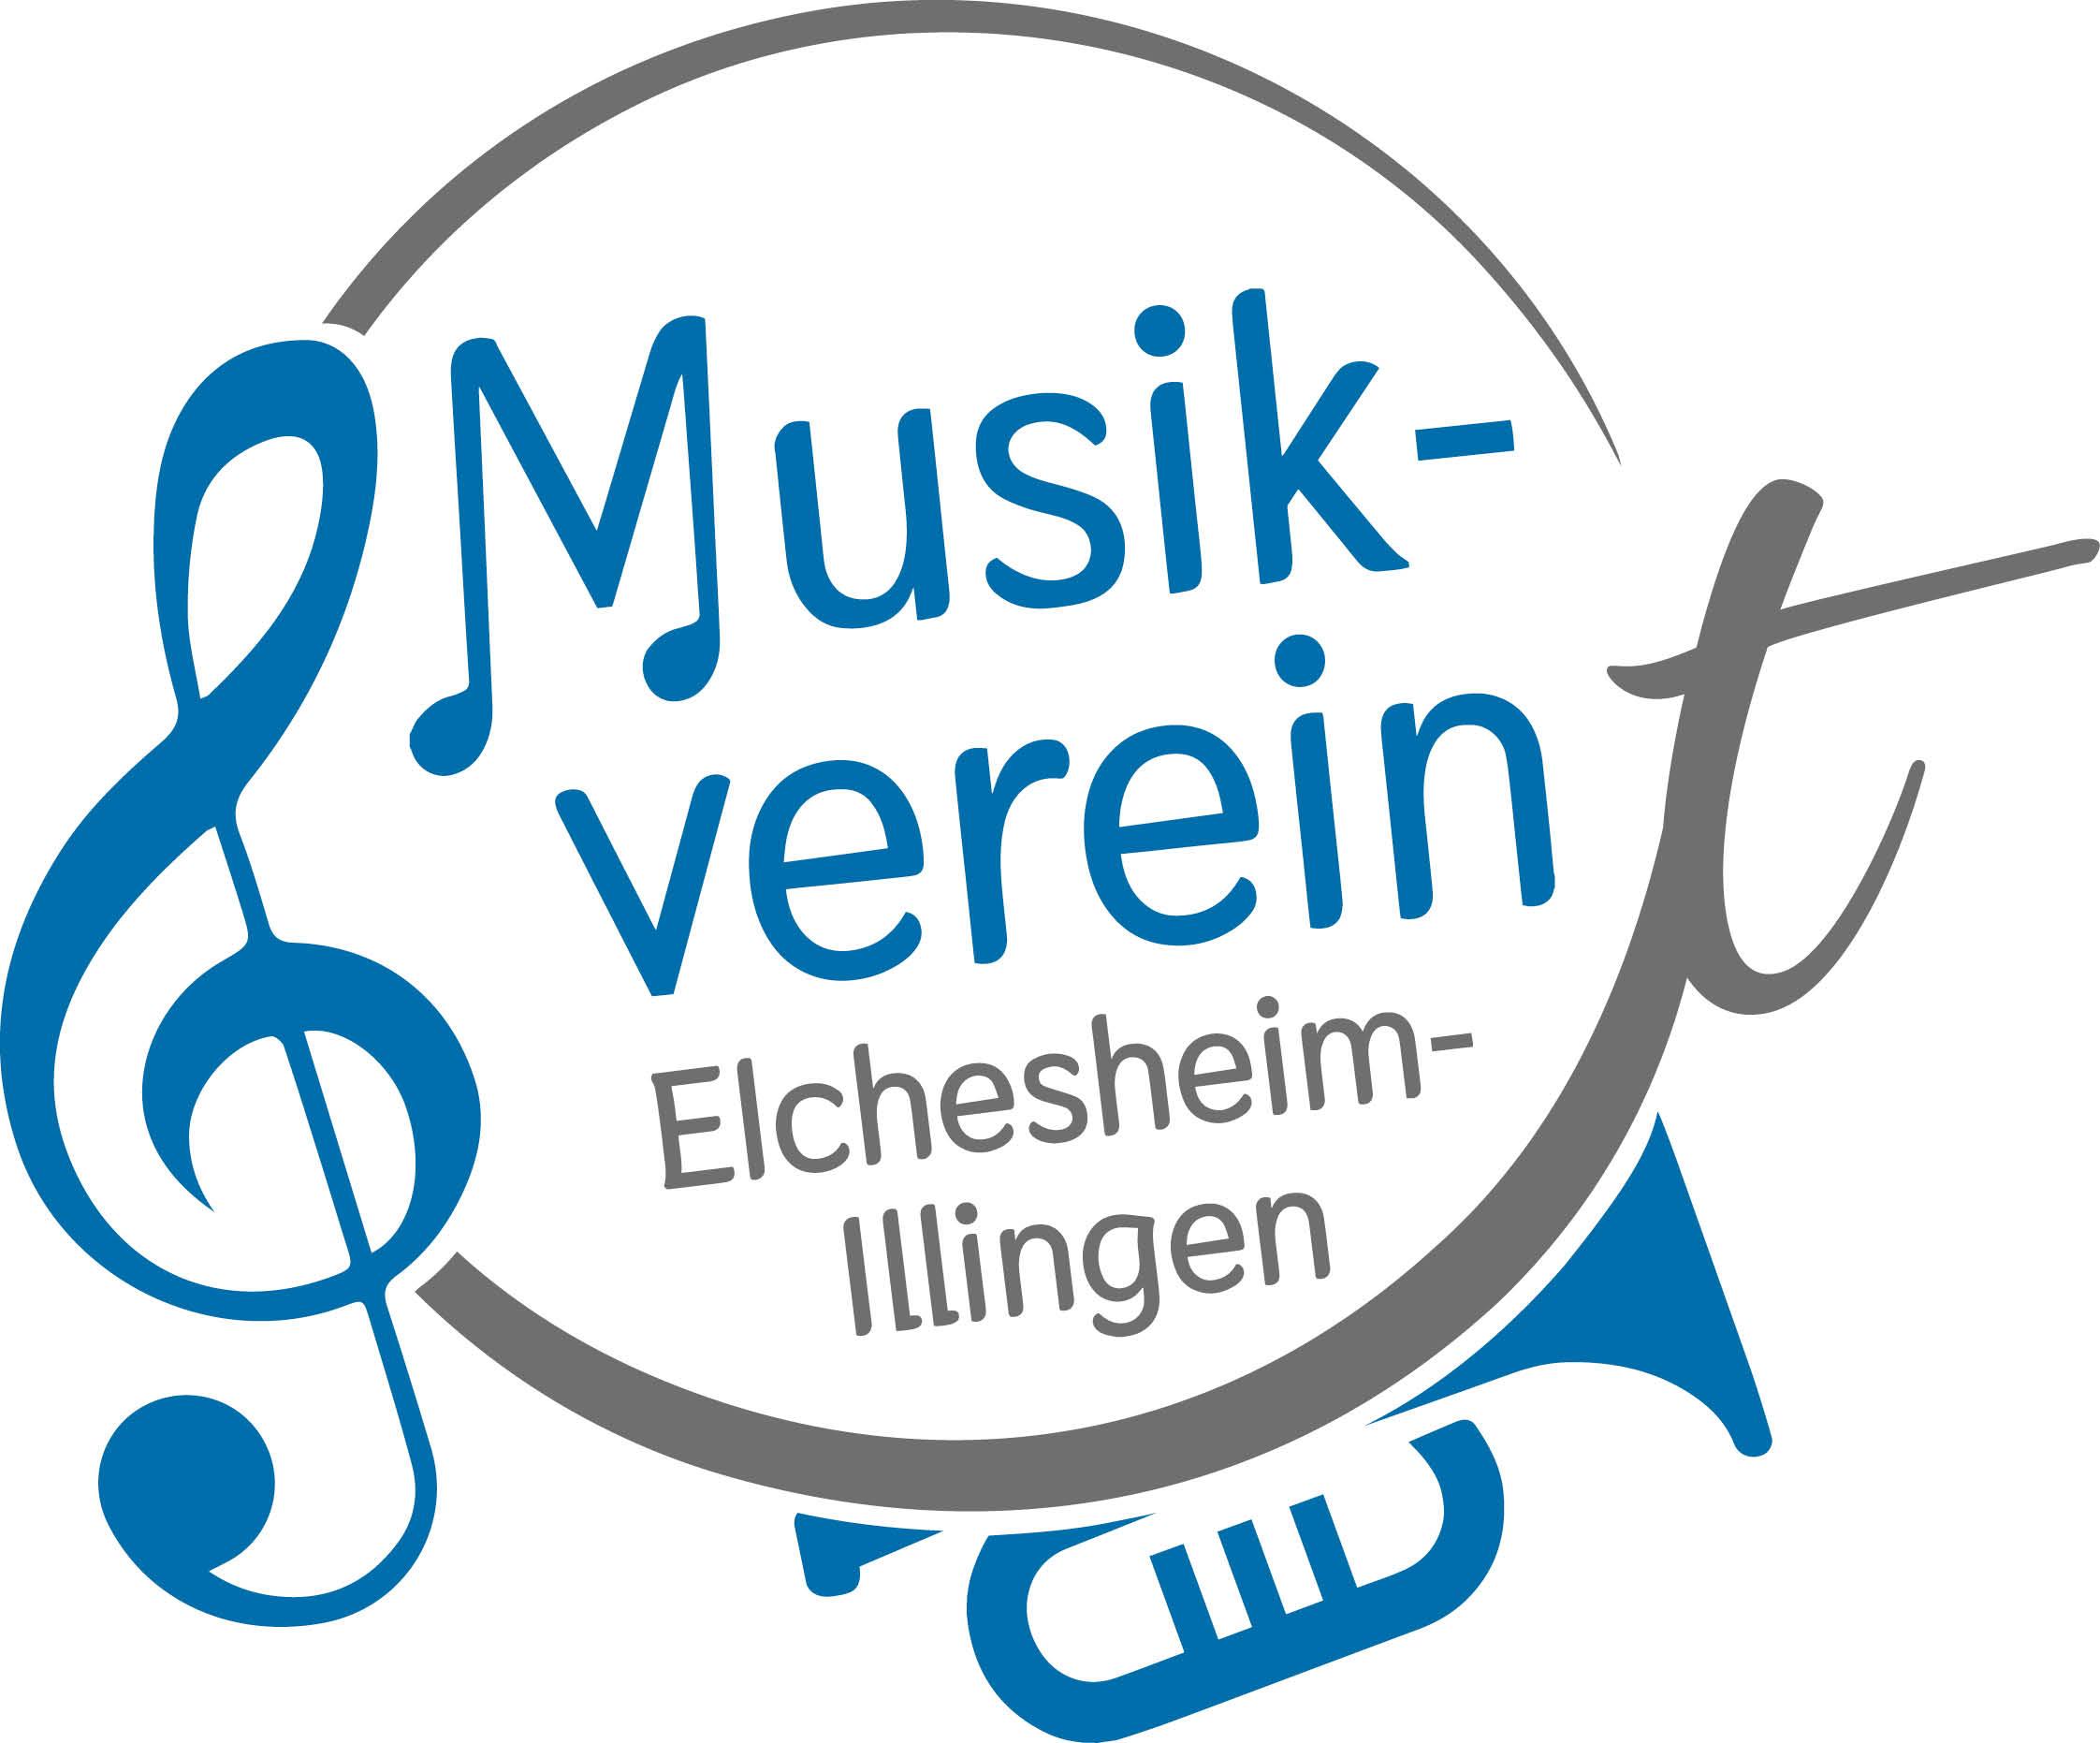 Musikverein Elchesheim-Illingen